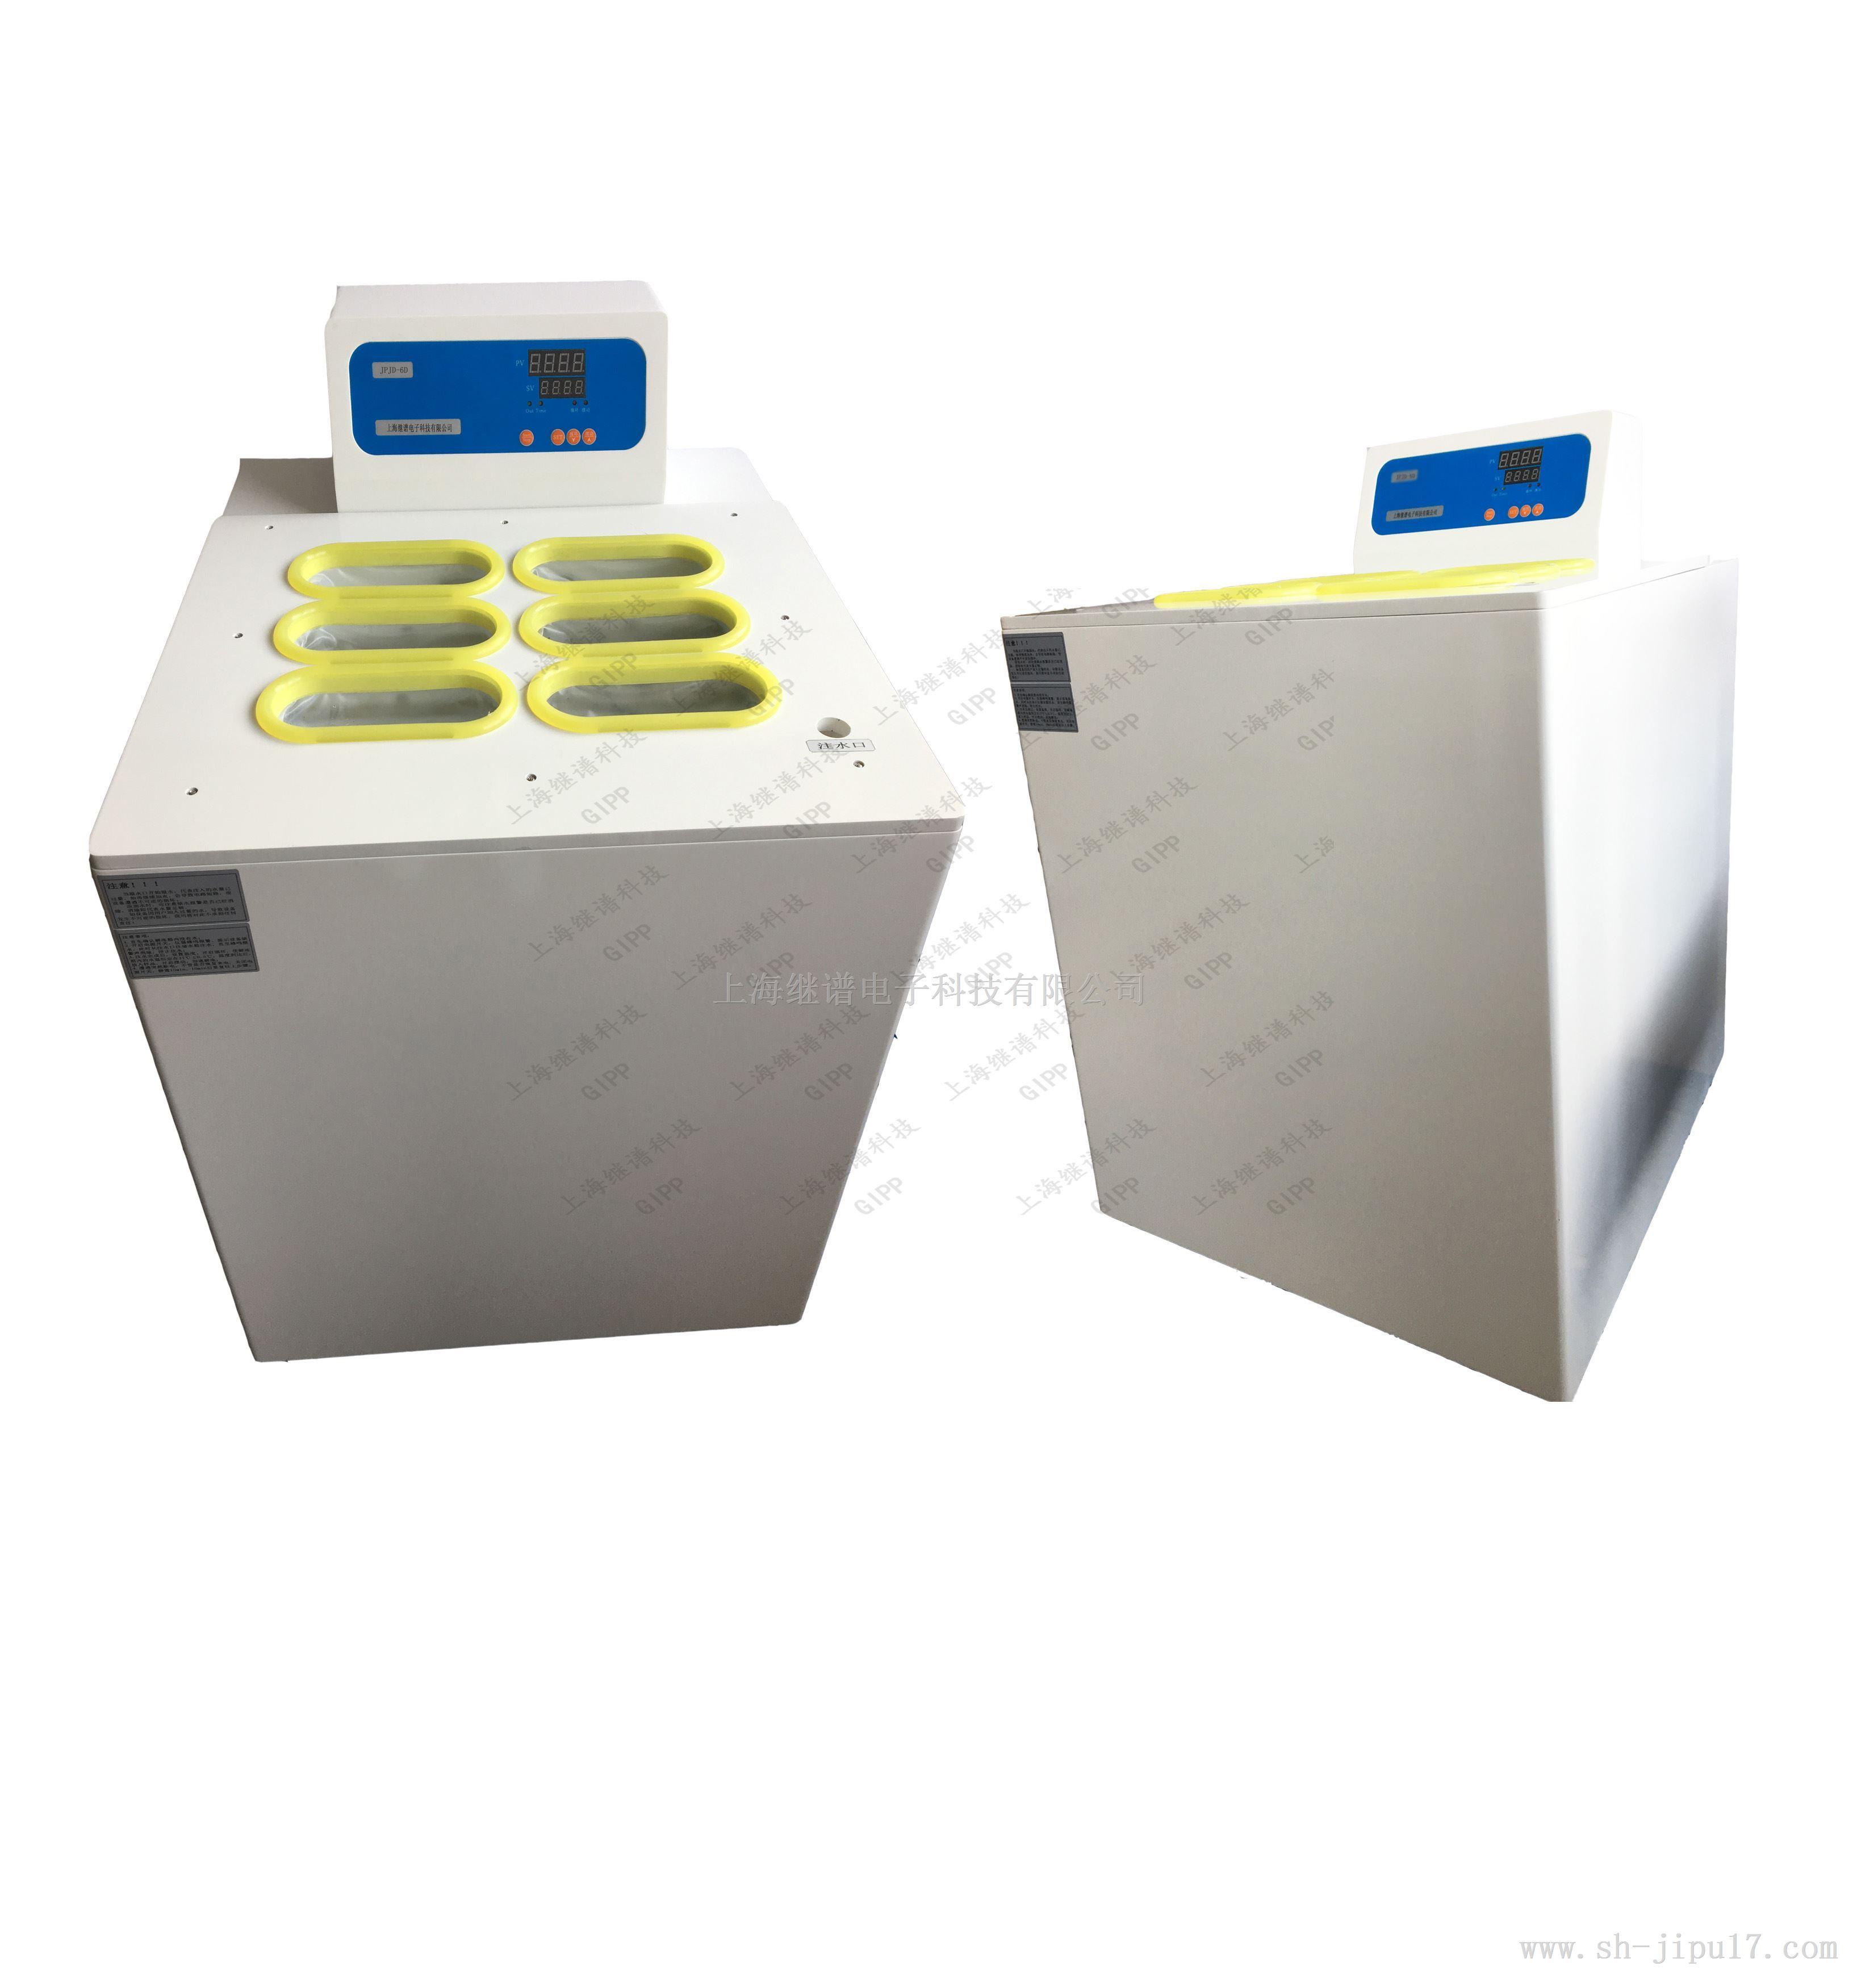 全自动恒温解冻仪(干式溶浆机)-台式